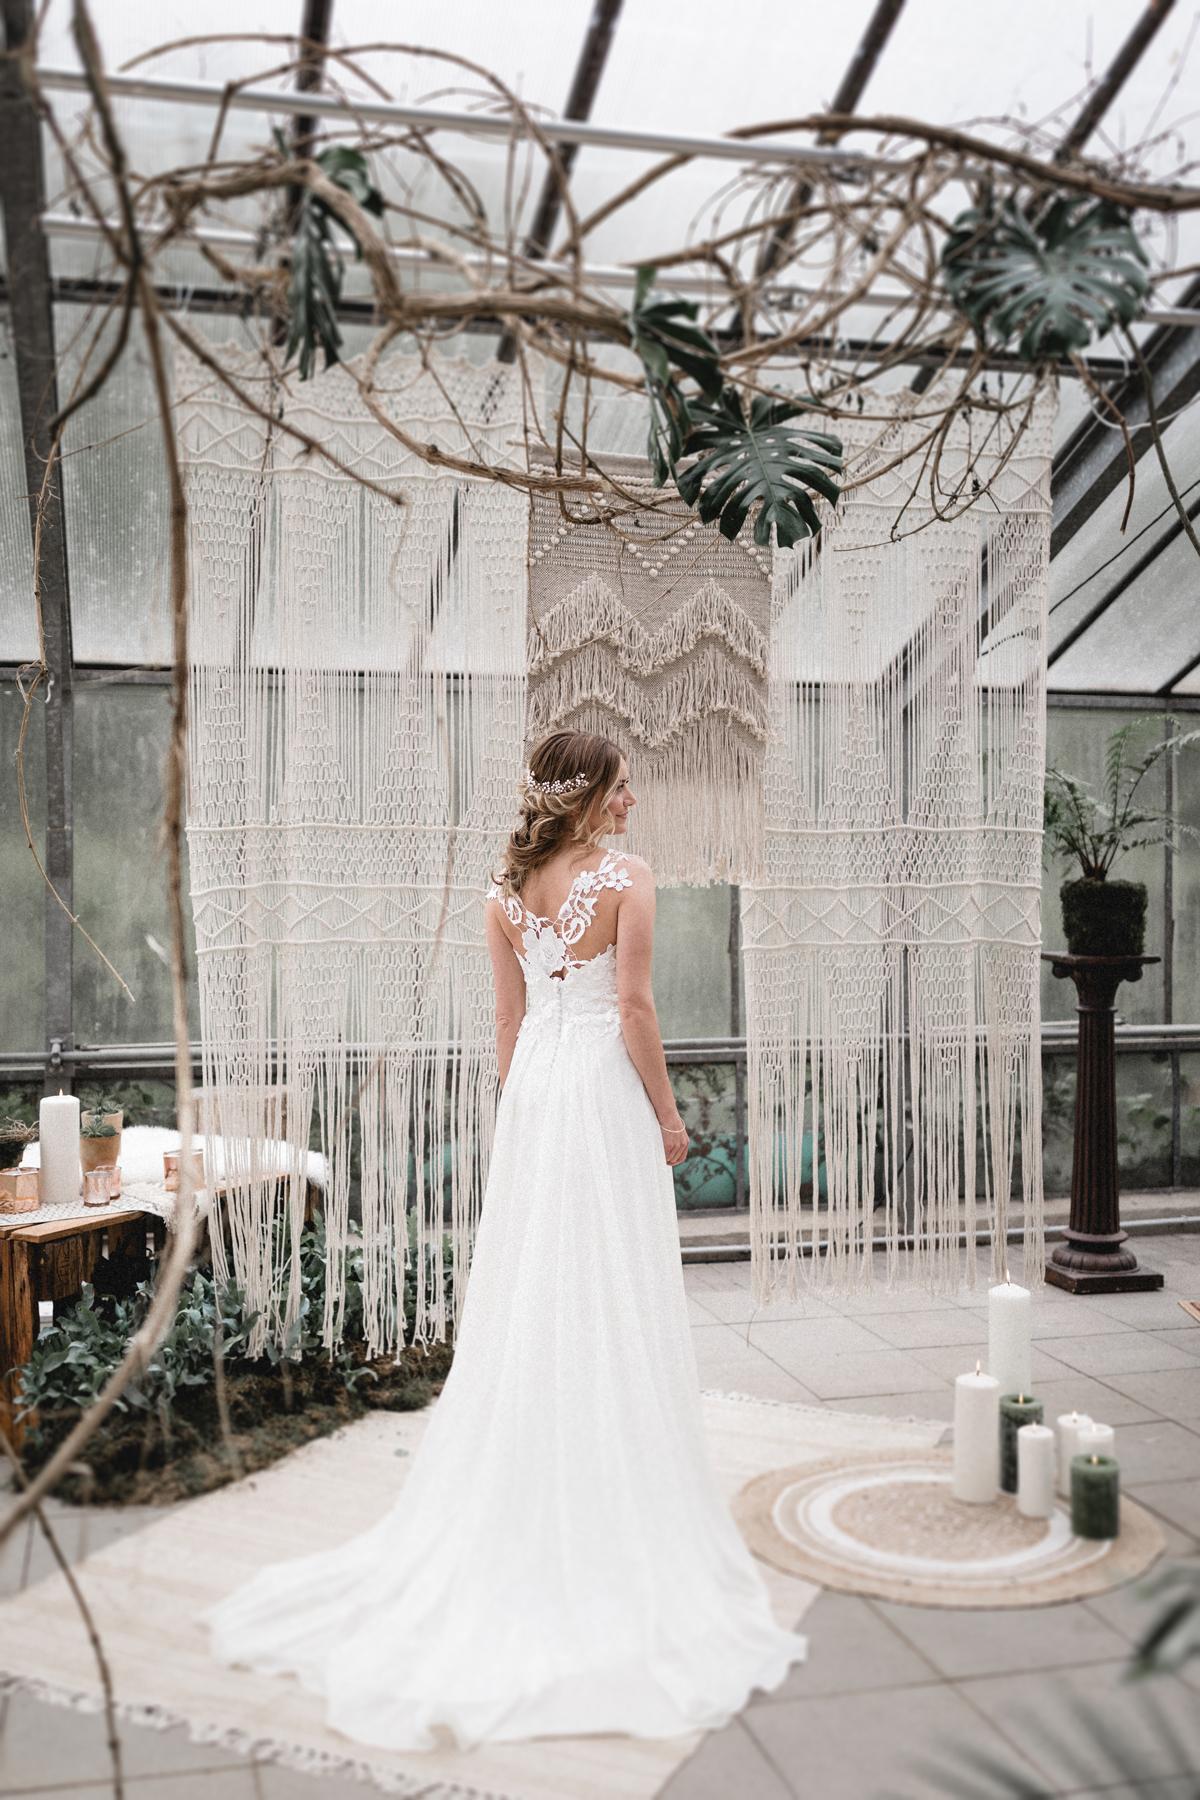 Andreas_Nusch_Hochzeitsfotografie_Brautshooting_2017_JA-Hochzeitsshop_0101